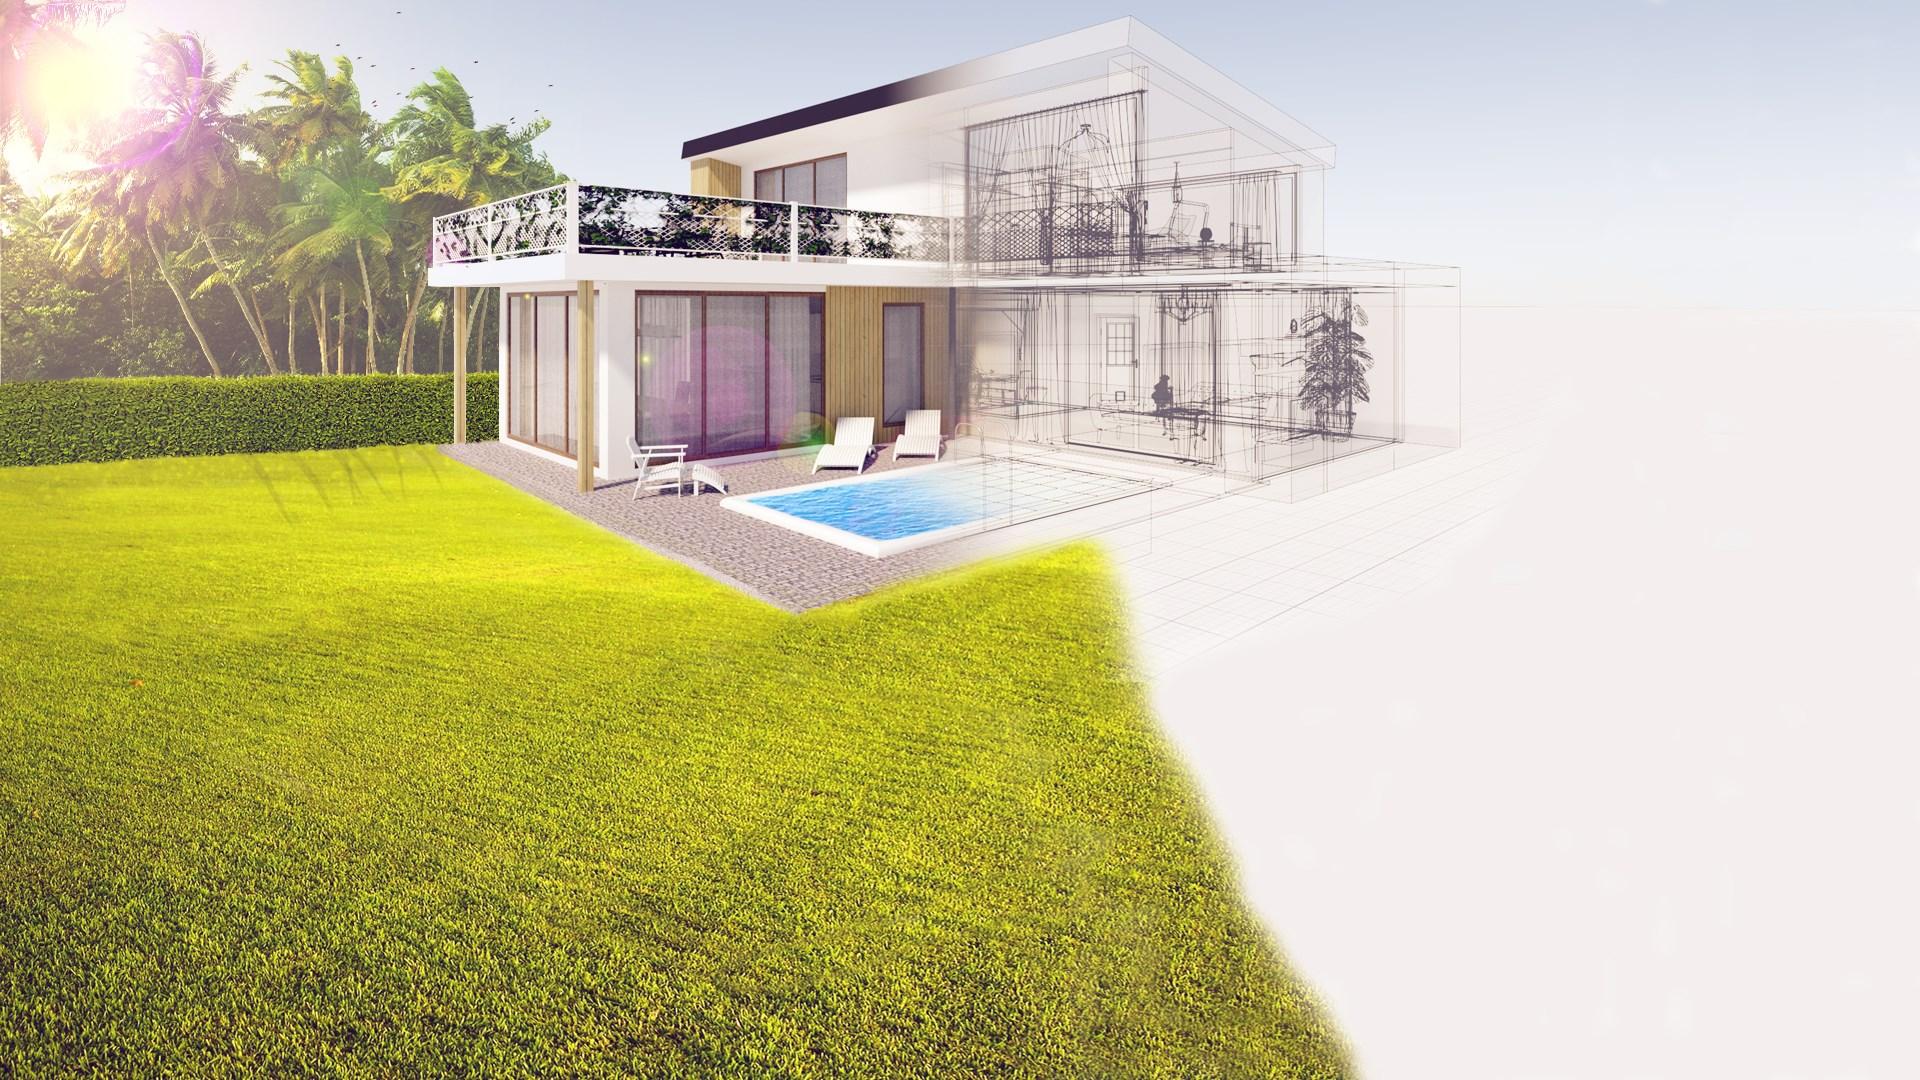 Planner 5D - Haus- und Innenarchitektur beziehen – Microsoft Store de-DE